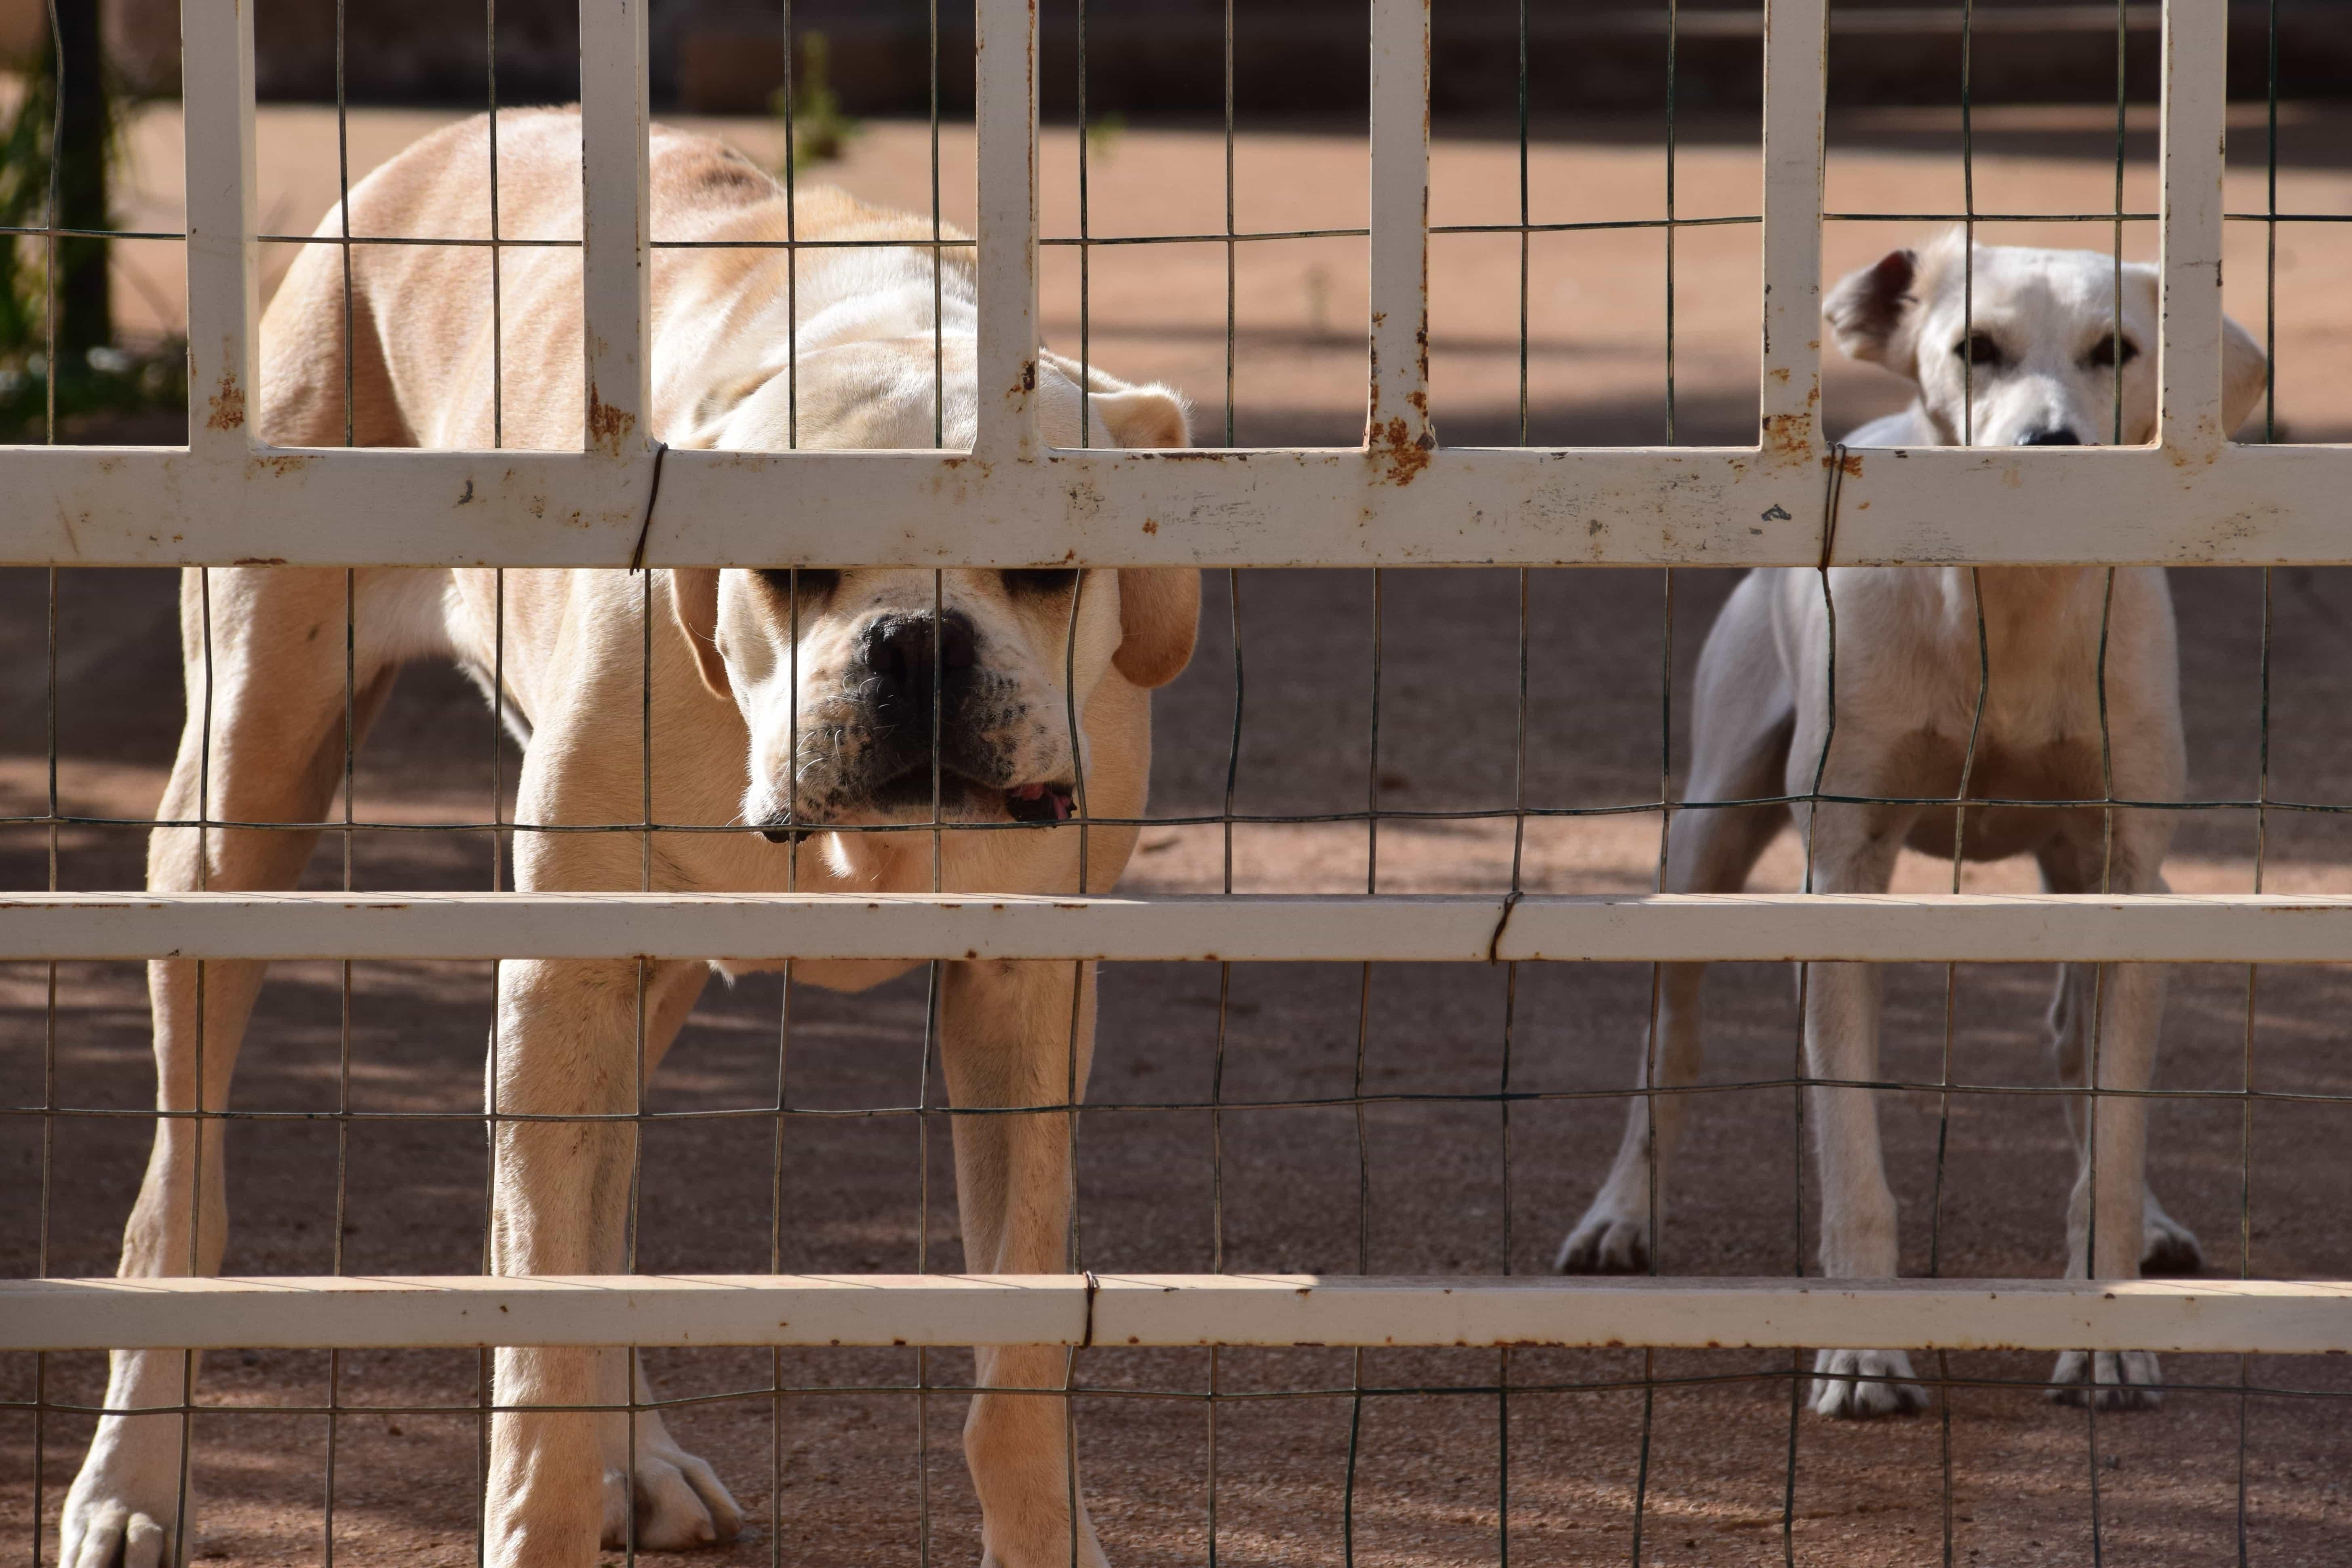 Dog, Fence, Animal, Backyard, Fur